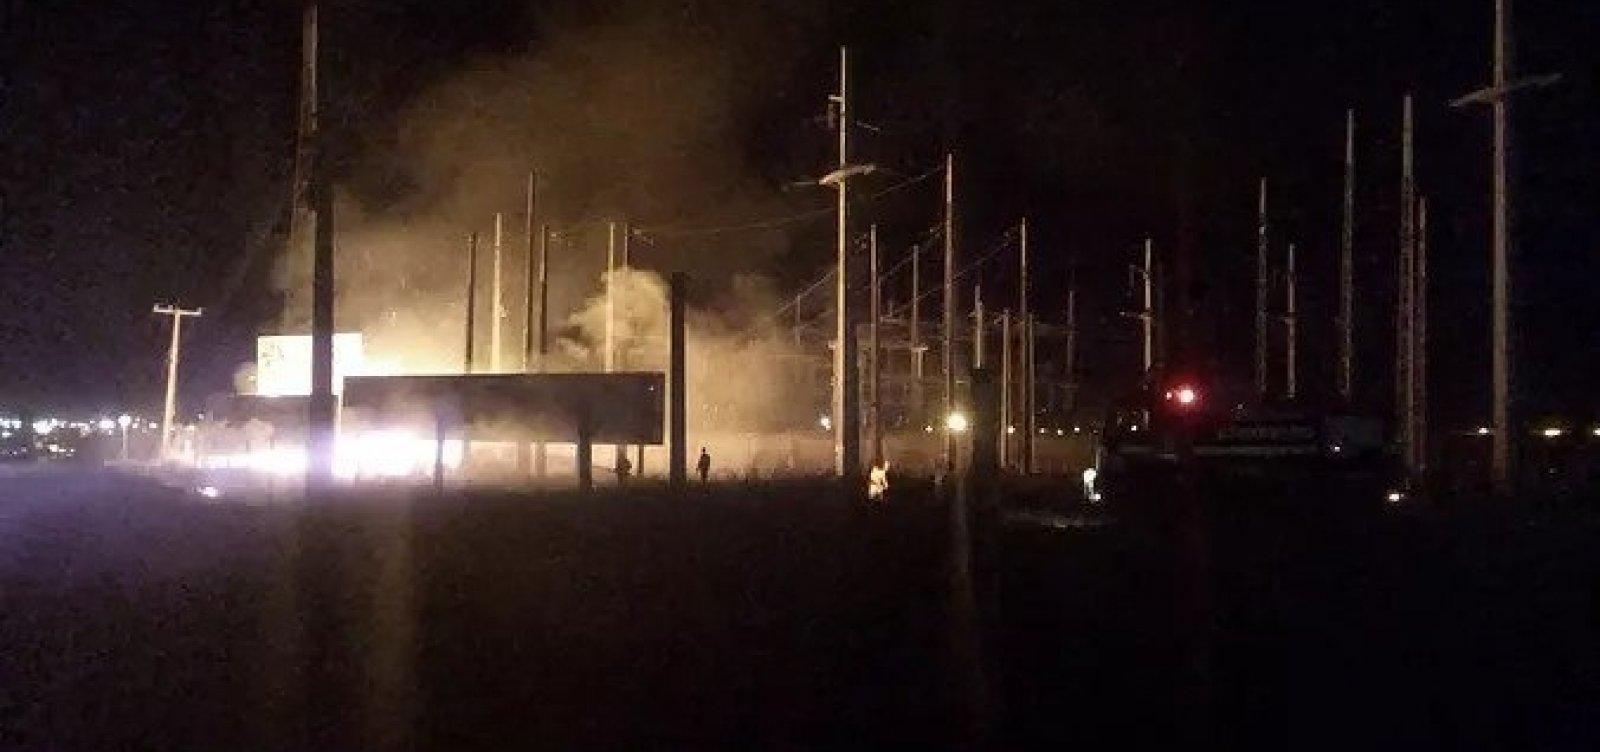 Queimadas perto da rede elétrica deixam moradores do oeste baiano sem luz